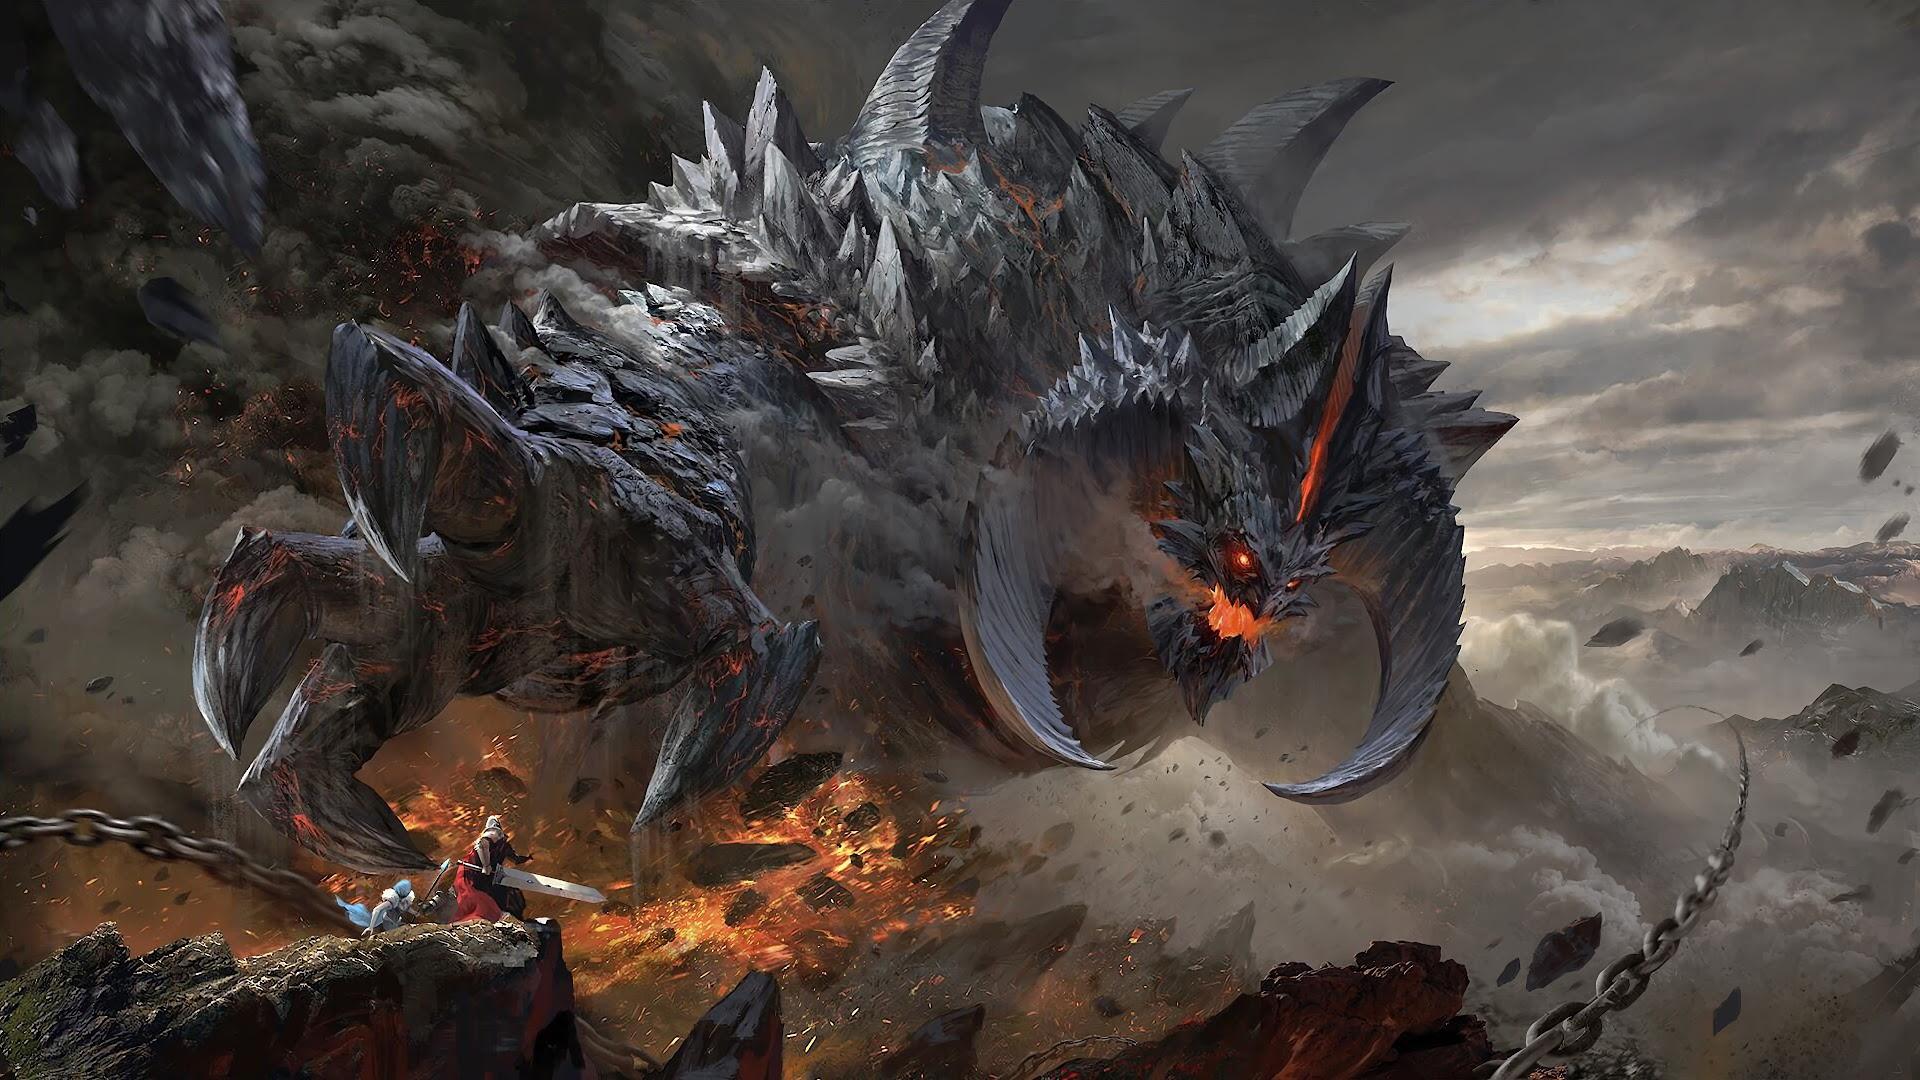 Fantasy, Monster, Epic, Battle, 4K, #115 Wallpaper